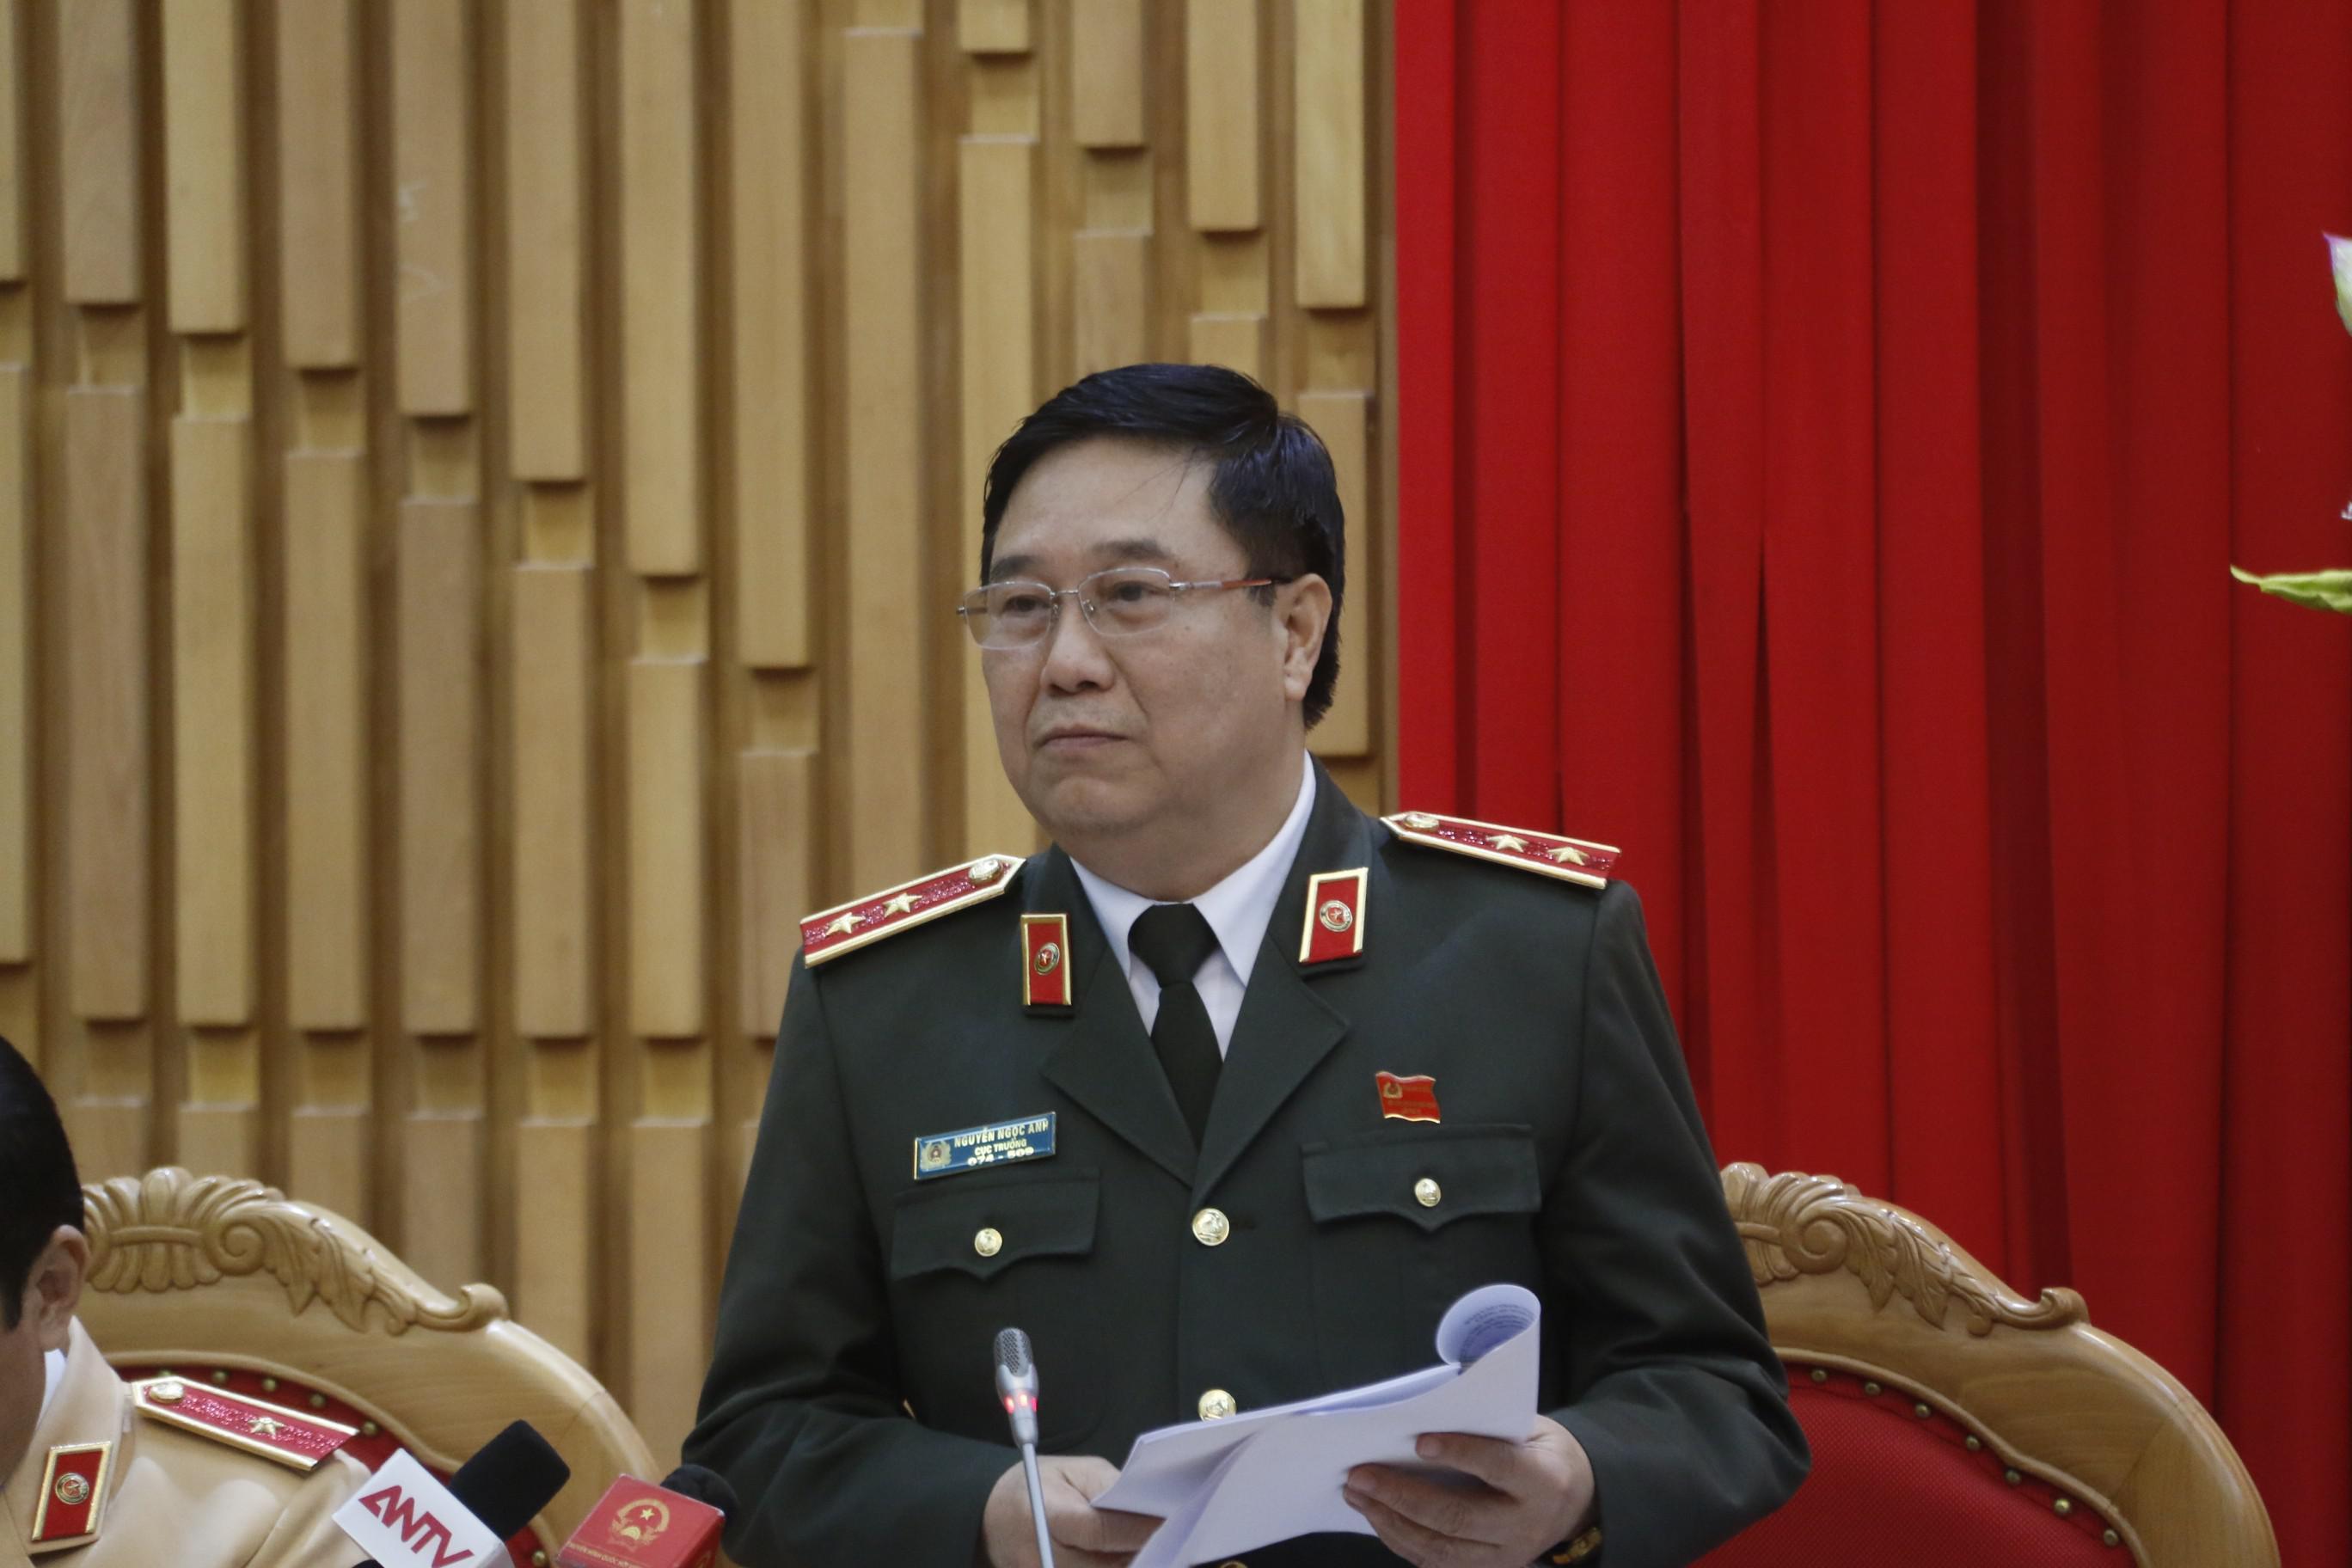 Trung tướng Nguyễn Ngọc Anh, Cục trưởng cục pháp chế và cải các hành chính, tư pháp (bộ Công an).